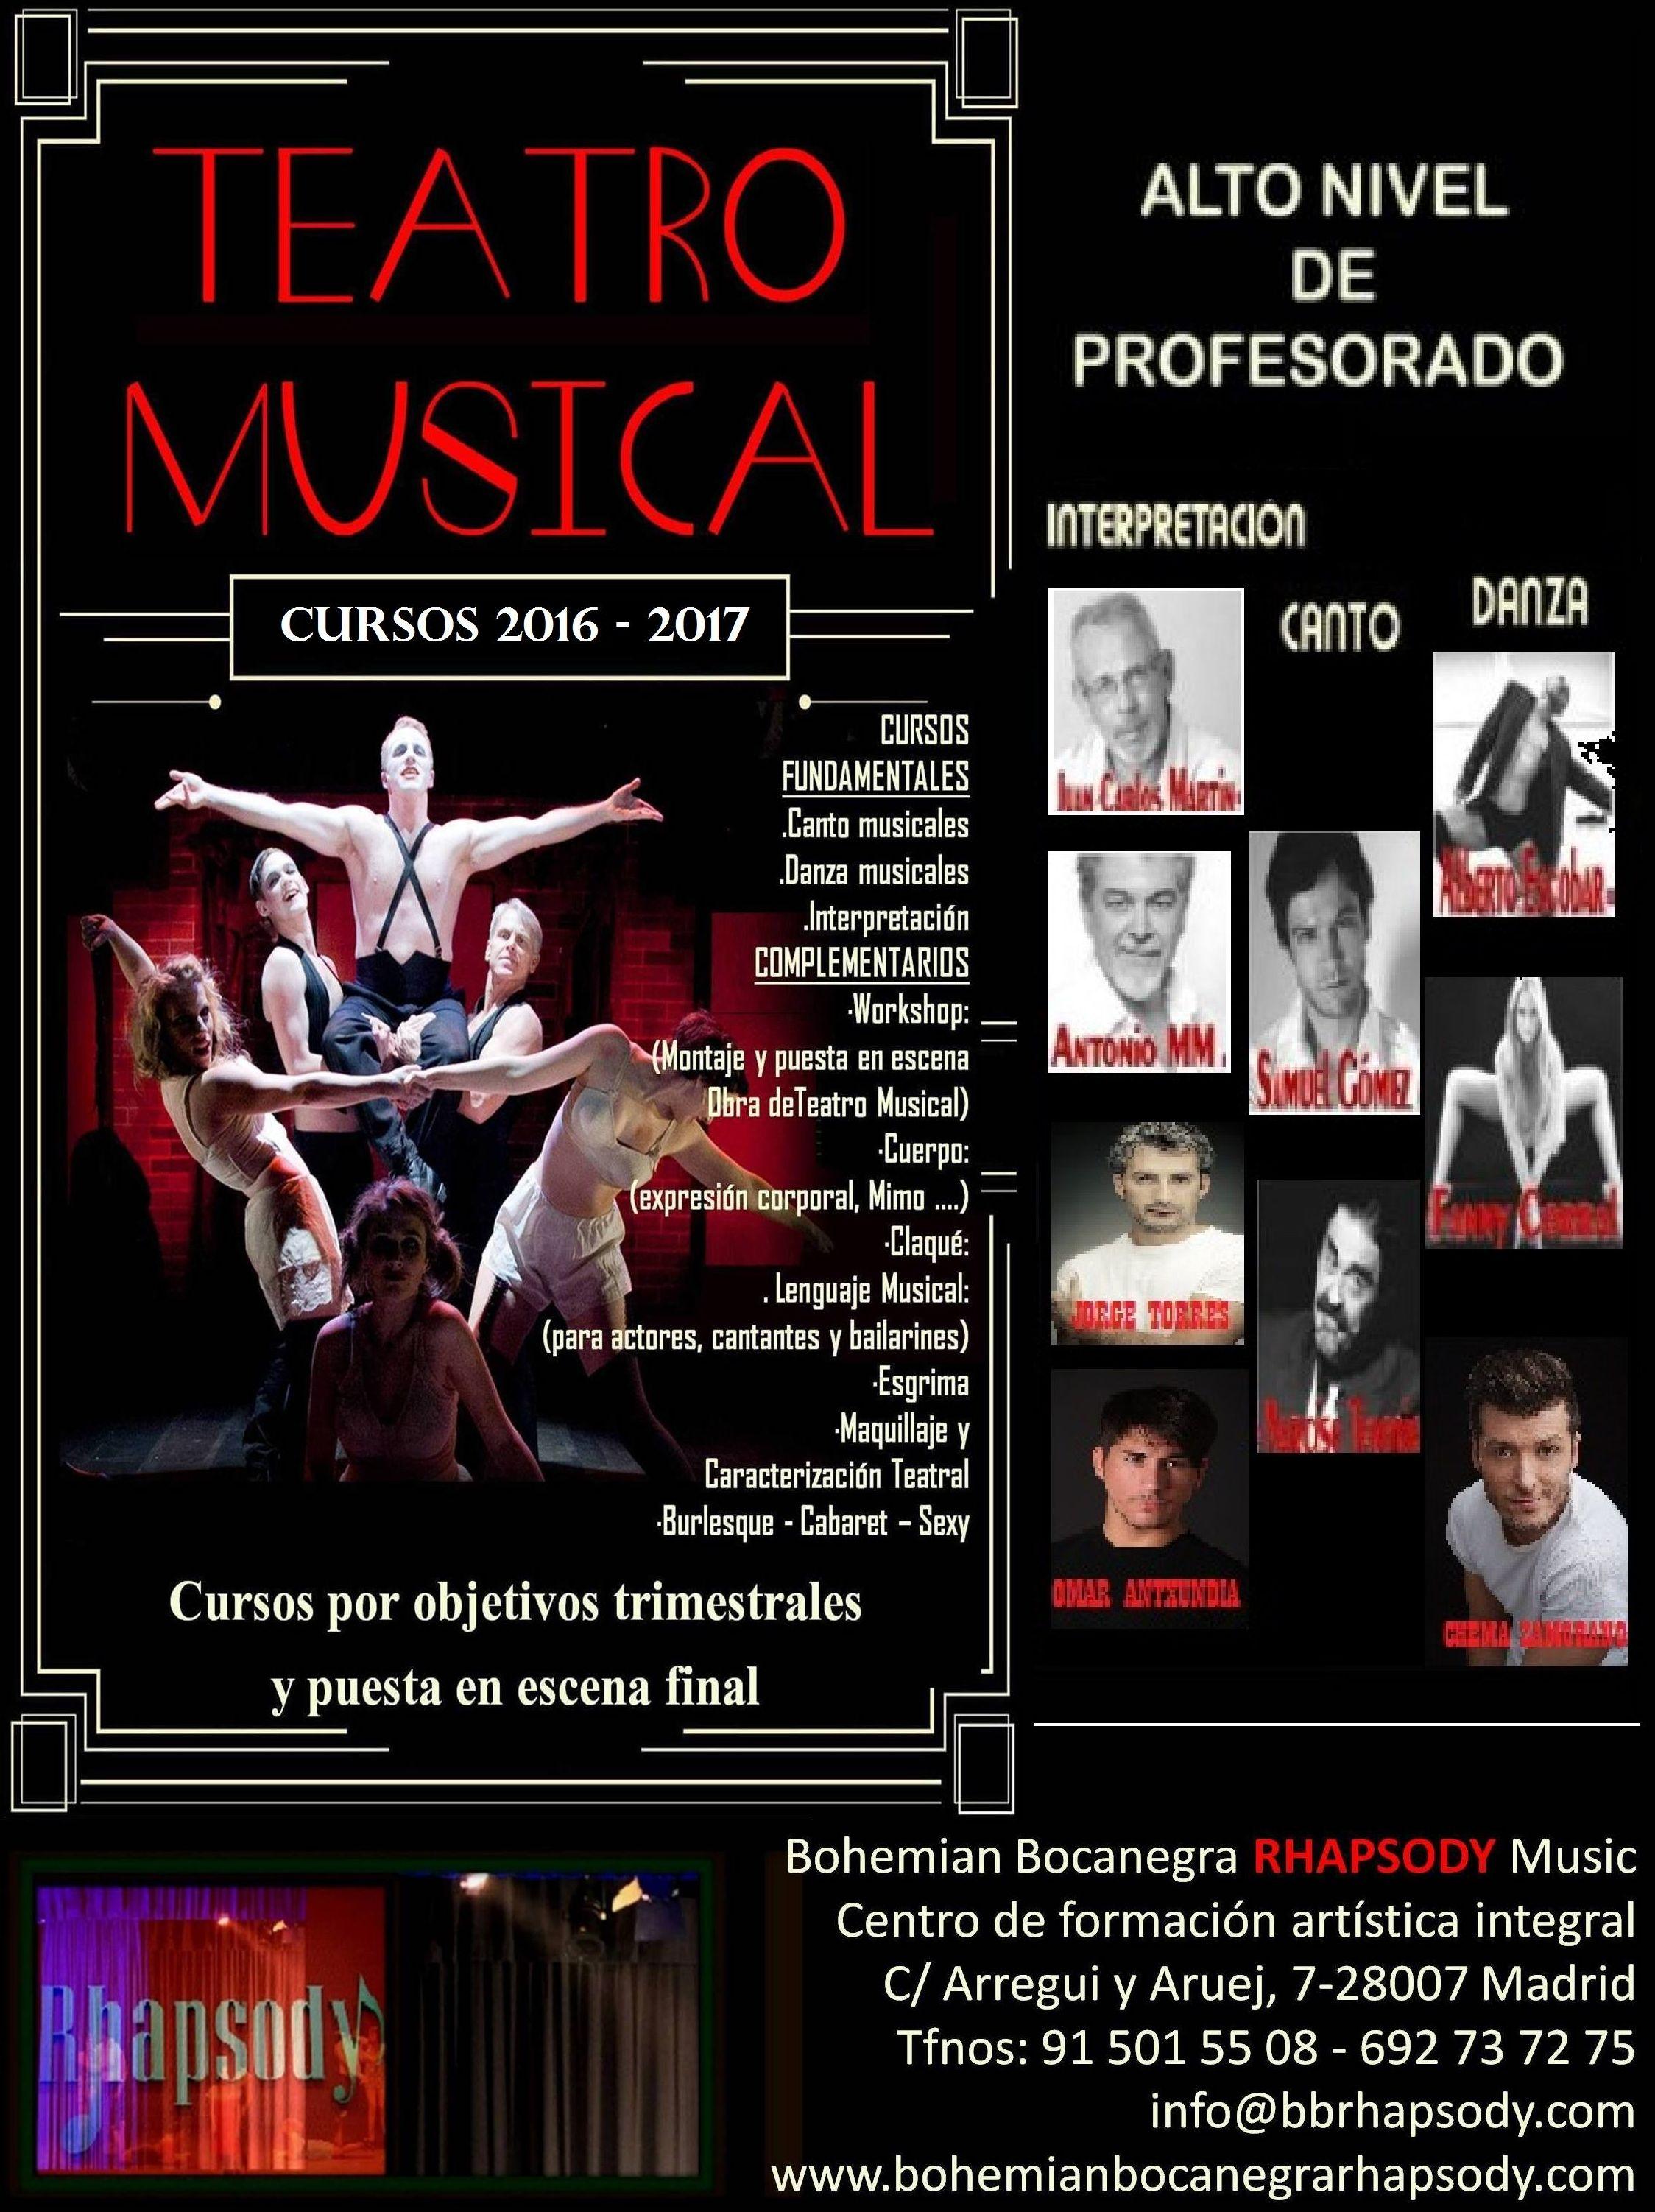 CURSOS ESCUELA TEATRO y COMEDIA MUSICAL - ALTO NIVEL DE PROFESORADO